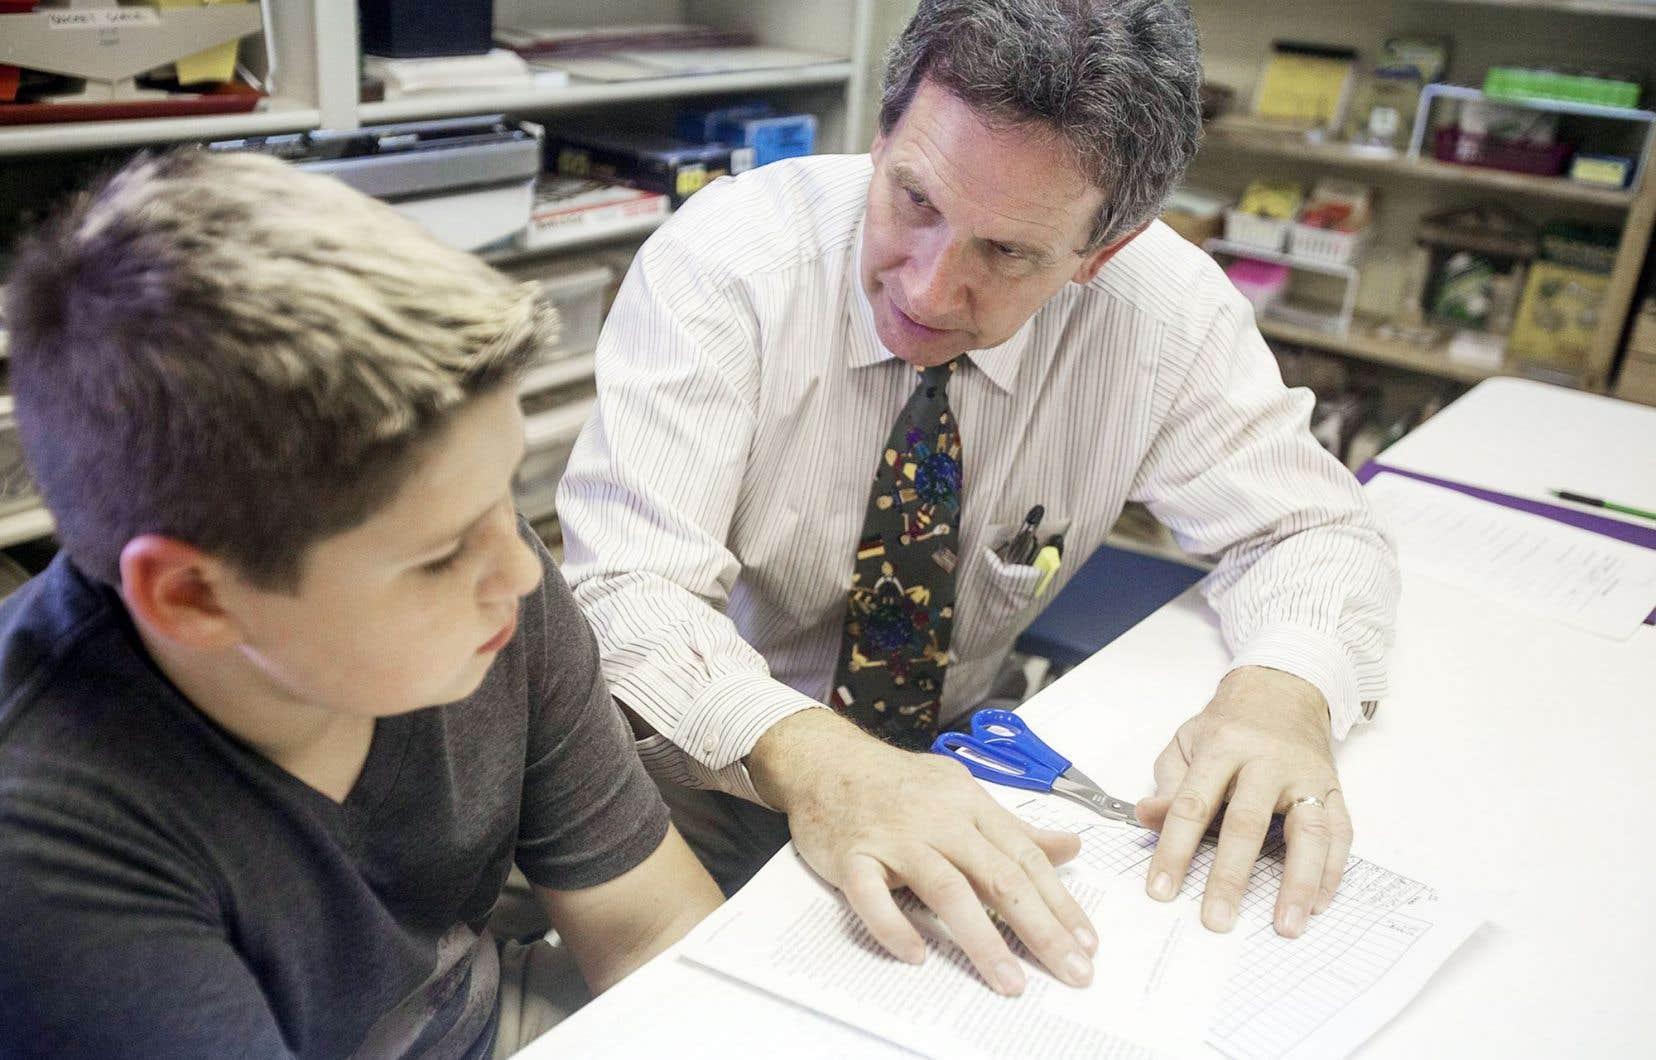 Le système scolaire est encore trop rigide pour accueillir ces élèves qui ont un trouble de l'apprentissage, selon le comédien et animateur Francis Reddy.